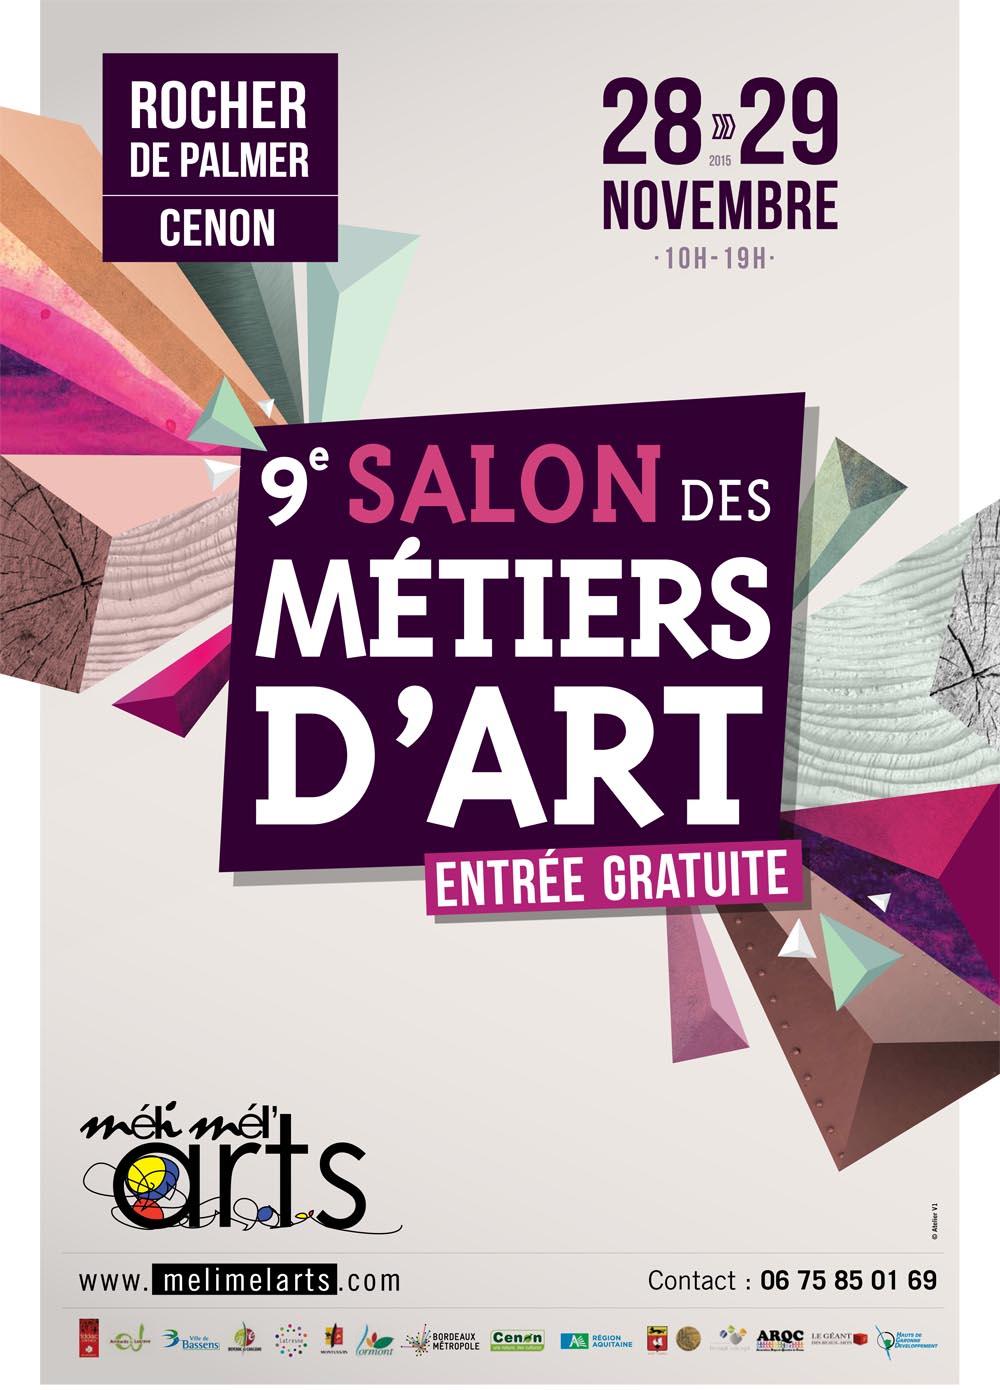 melimelart2015-affiche-1 1000 POUR MAIL